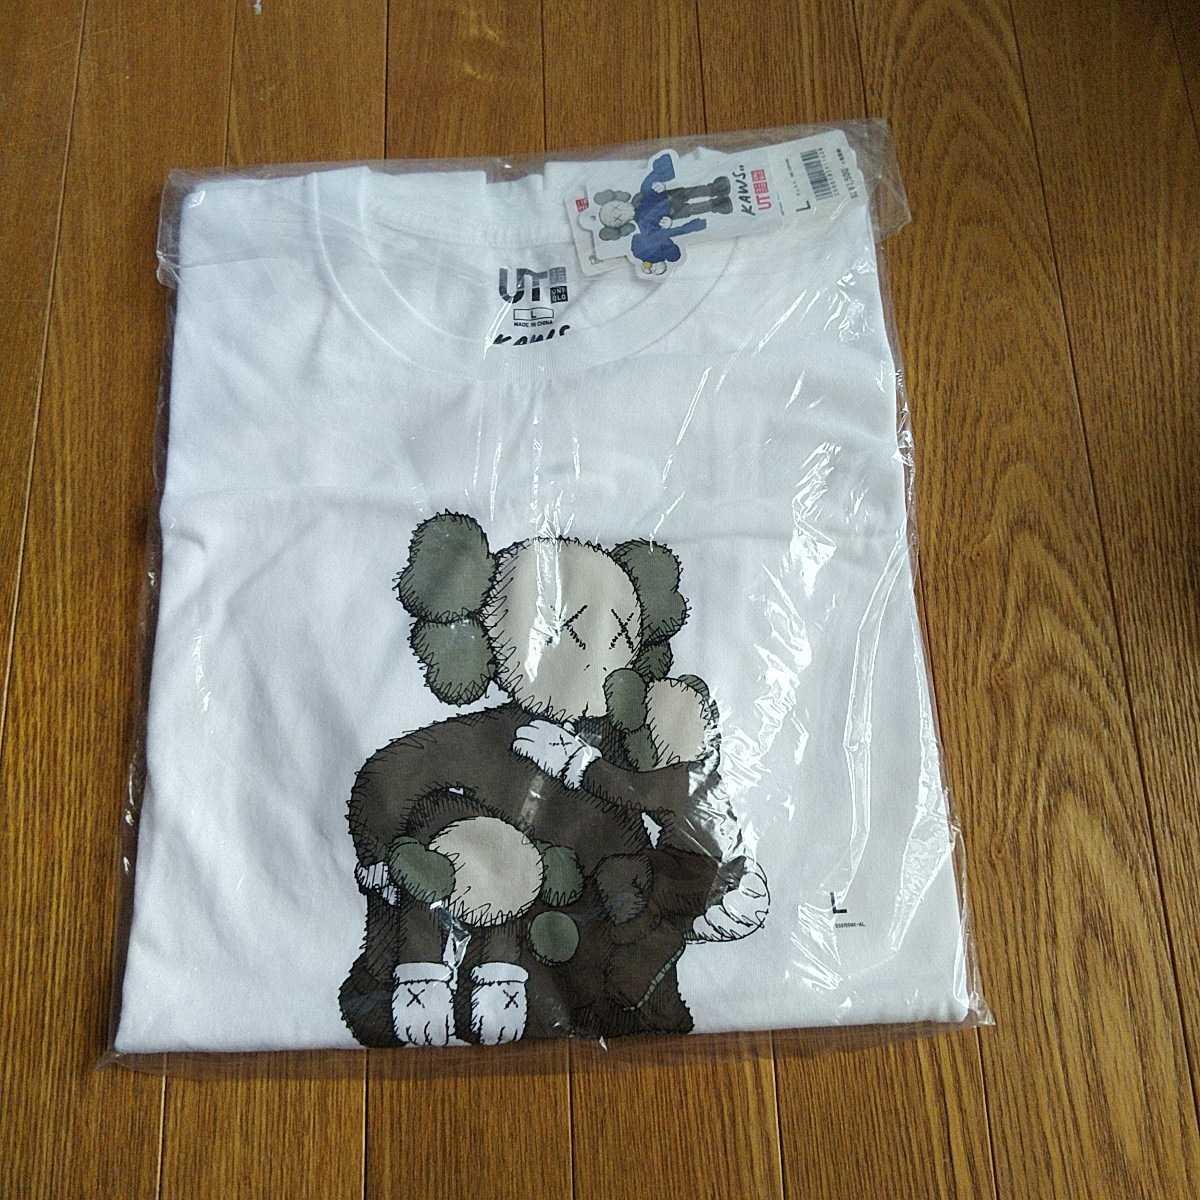 ユニクロ カウズ コラボUT KAWS サイズL 希少 新品 Tシャツ コラボTシャツ 認証制限なし クーポン利用_画像1